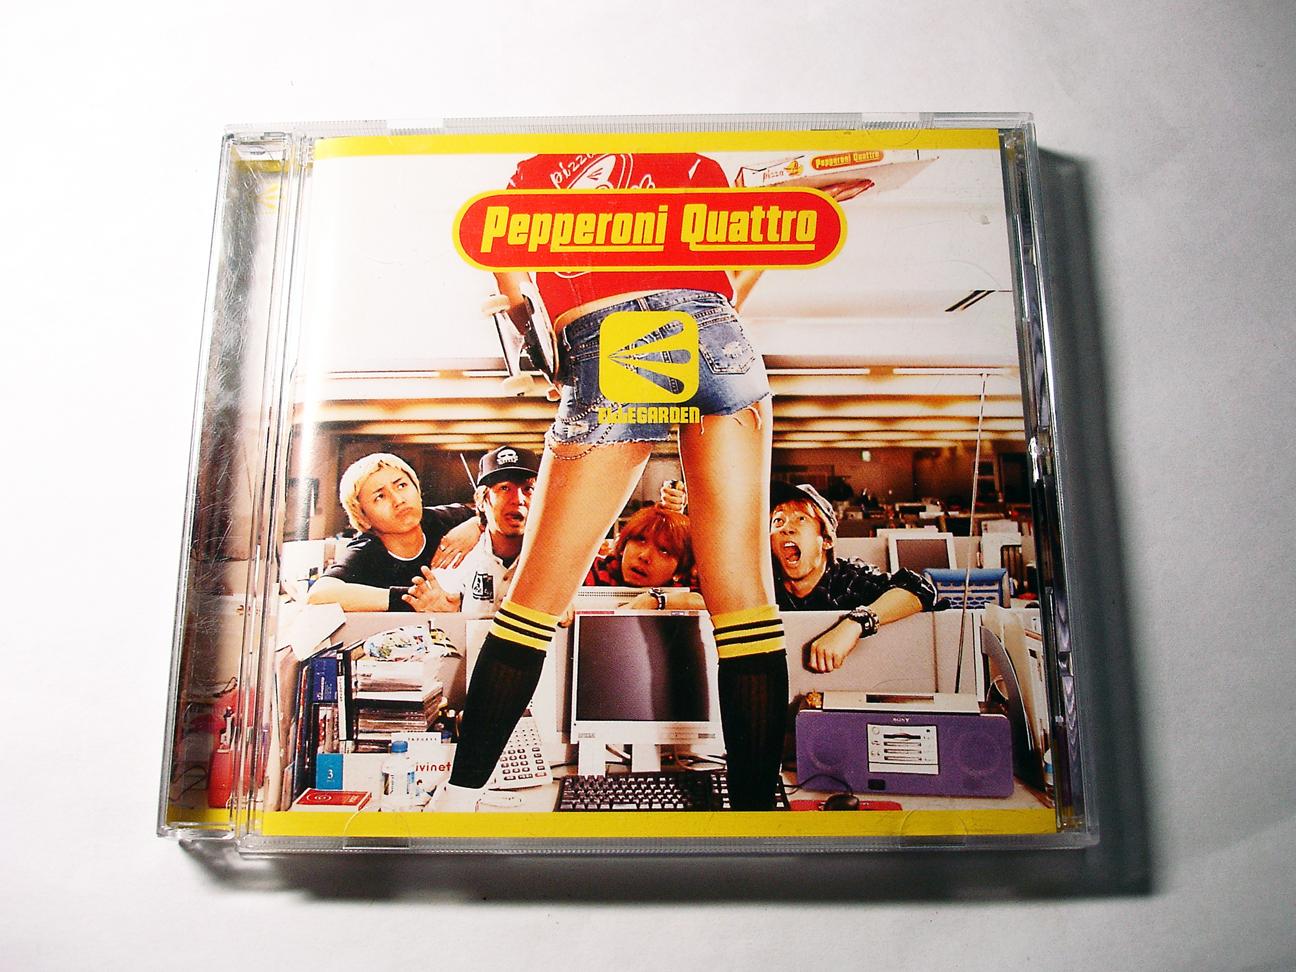 (album) Pepperoni Quattro - Ellegarden